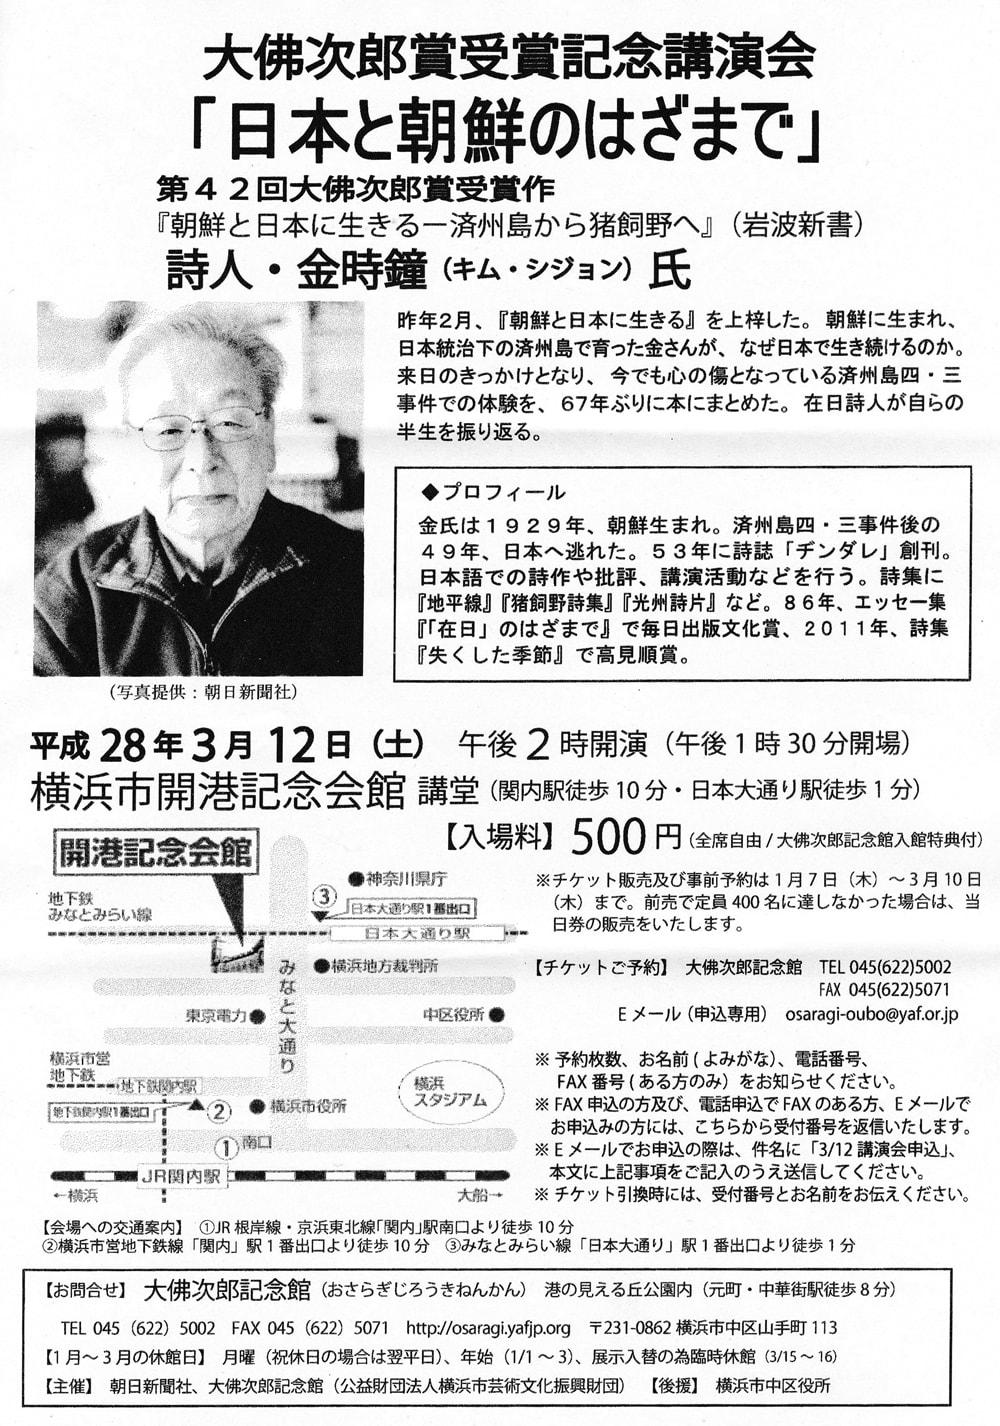 3.12大佛次郎賞受賞記念講演会 - Fsの独り言・つぶやき